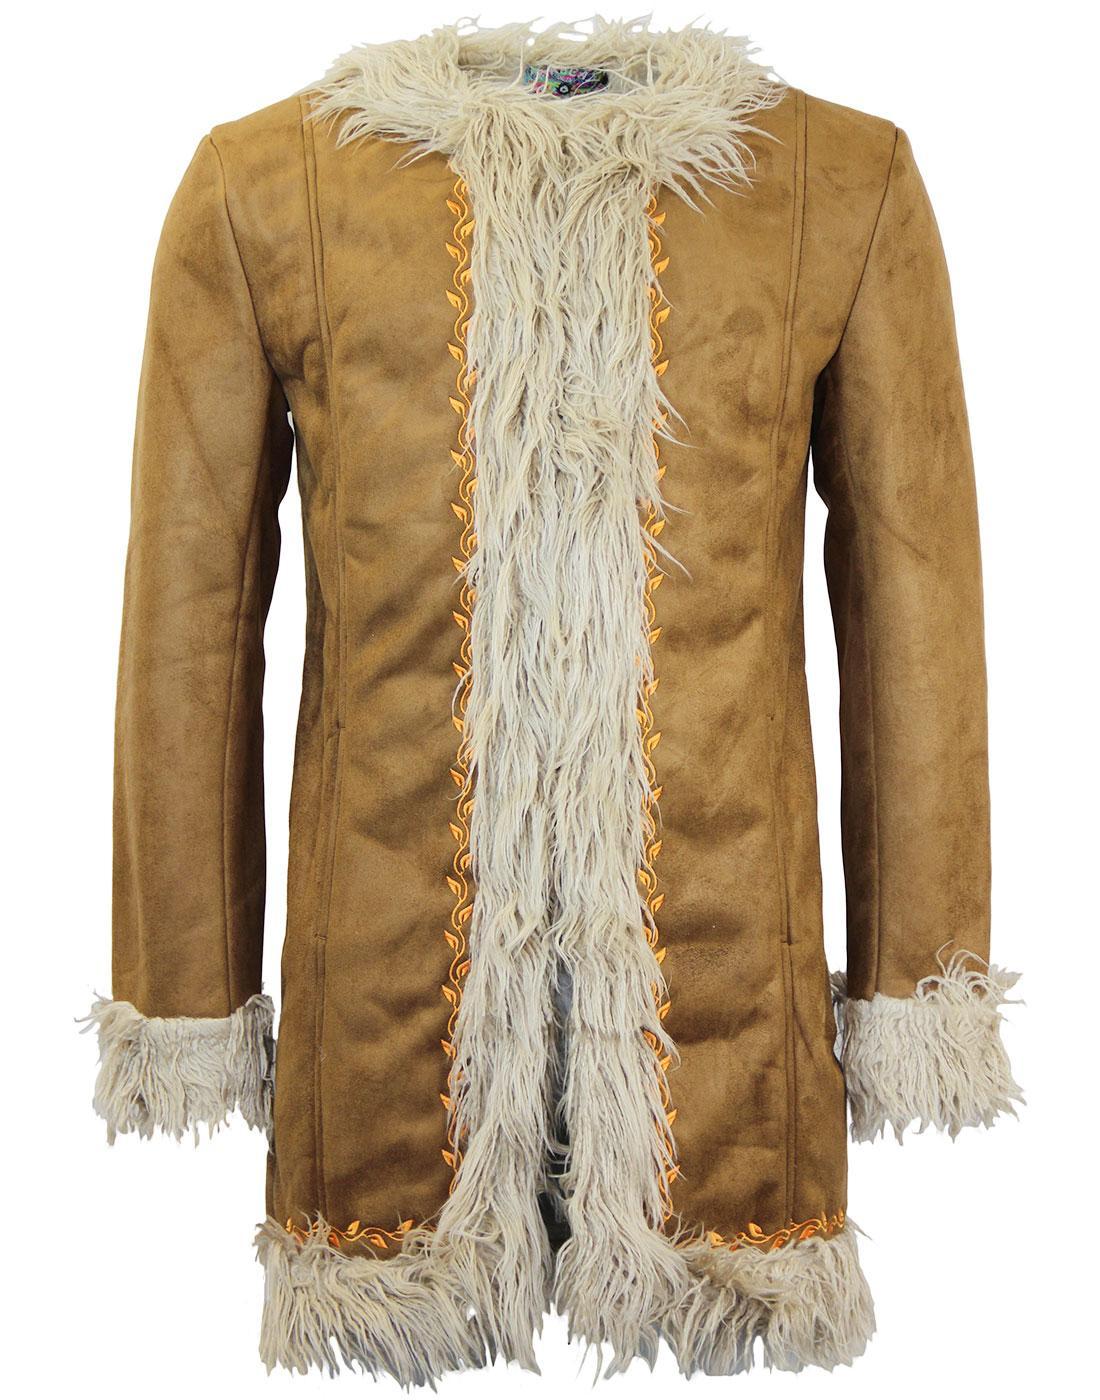 Instant Karma MADCAP ENGLAND Retro 60s Afghan Coat